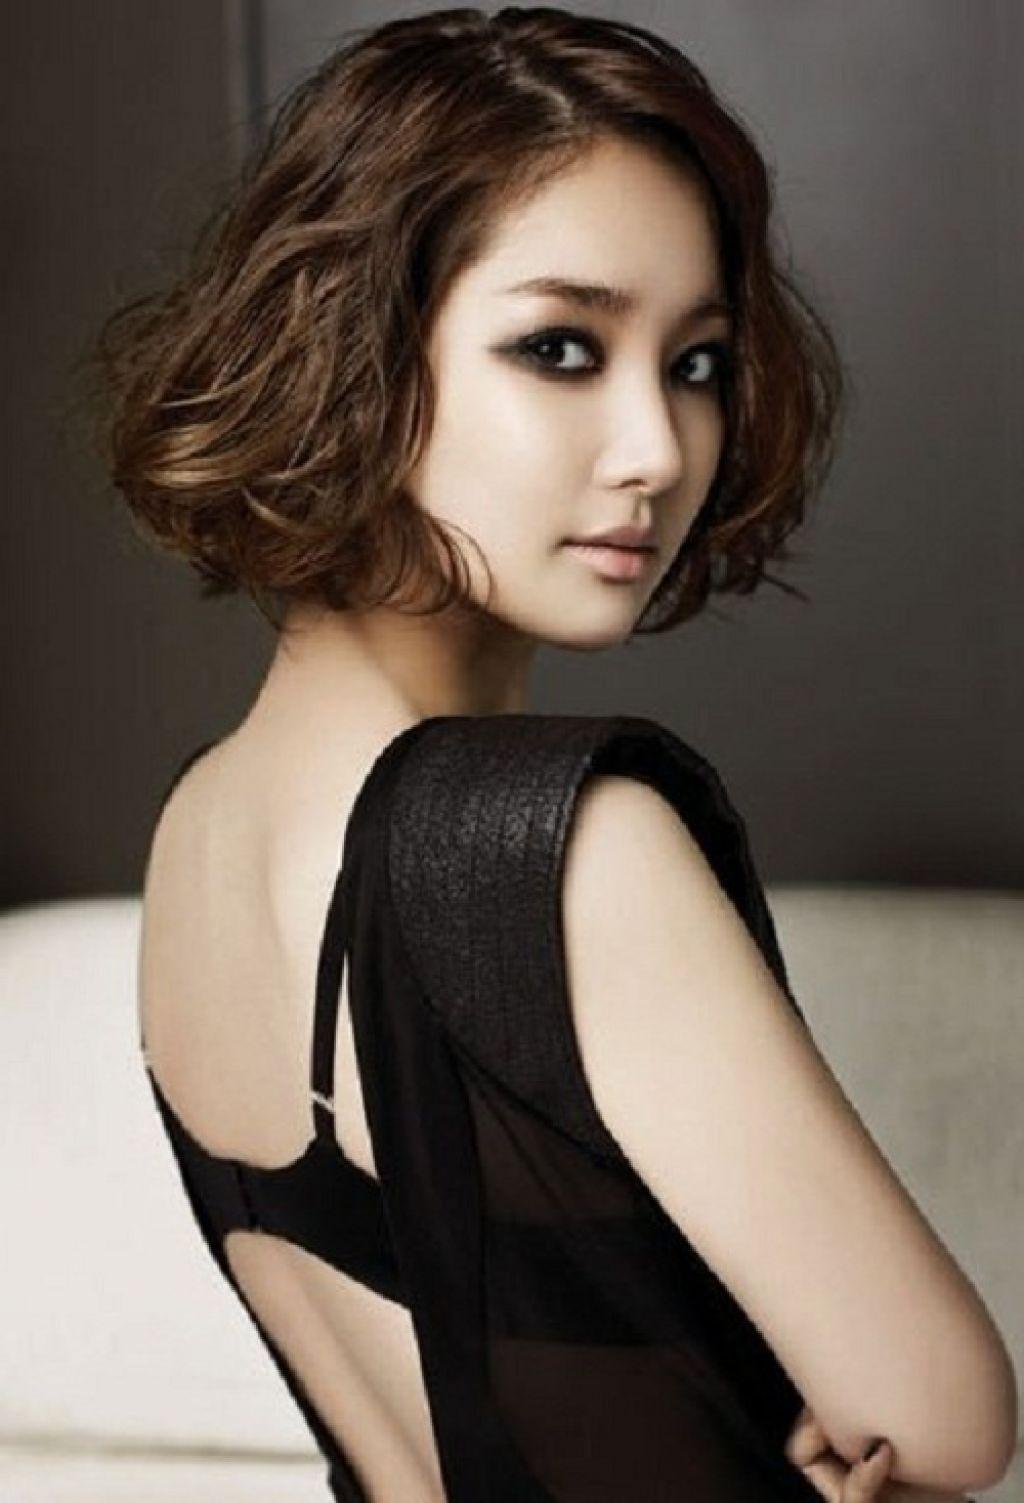 Asian women short hair google search proyek untuk dicoba